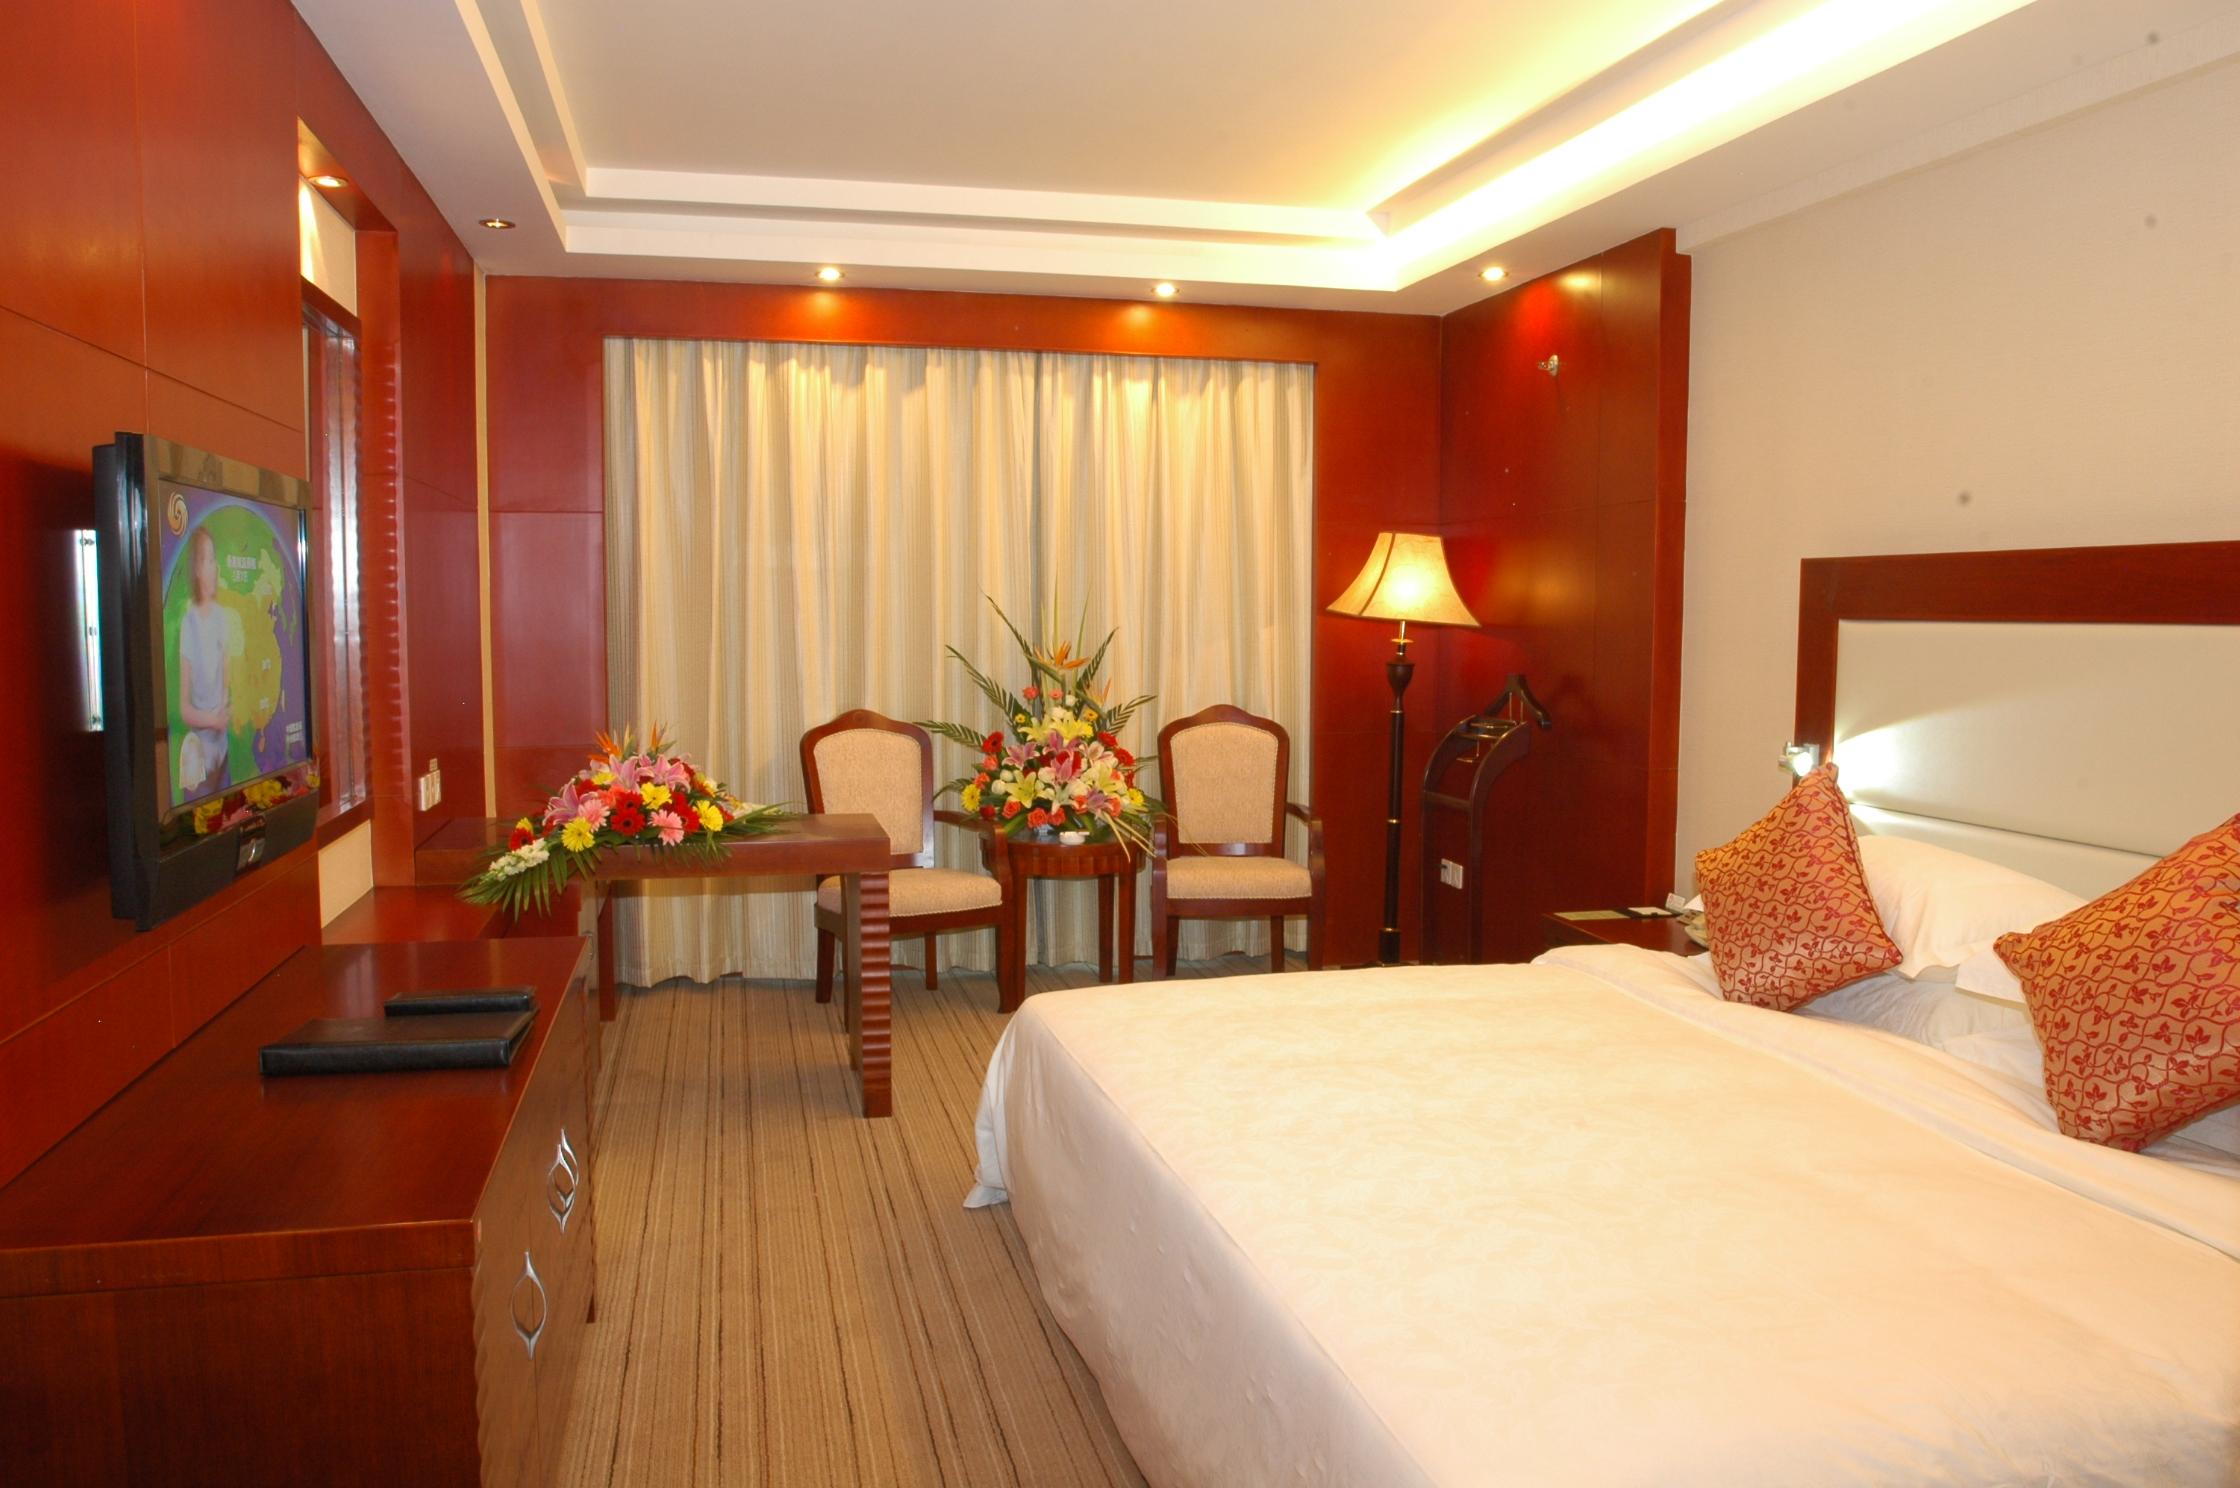 雅都商务酒店预订